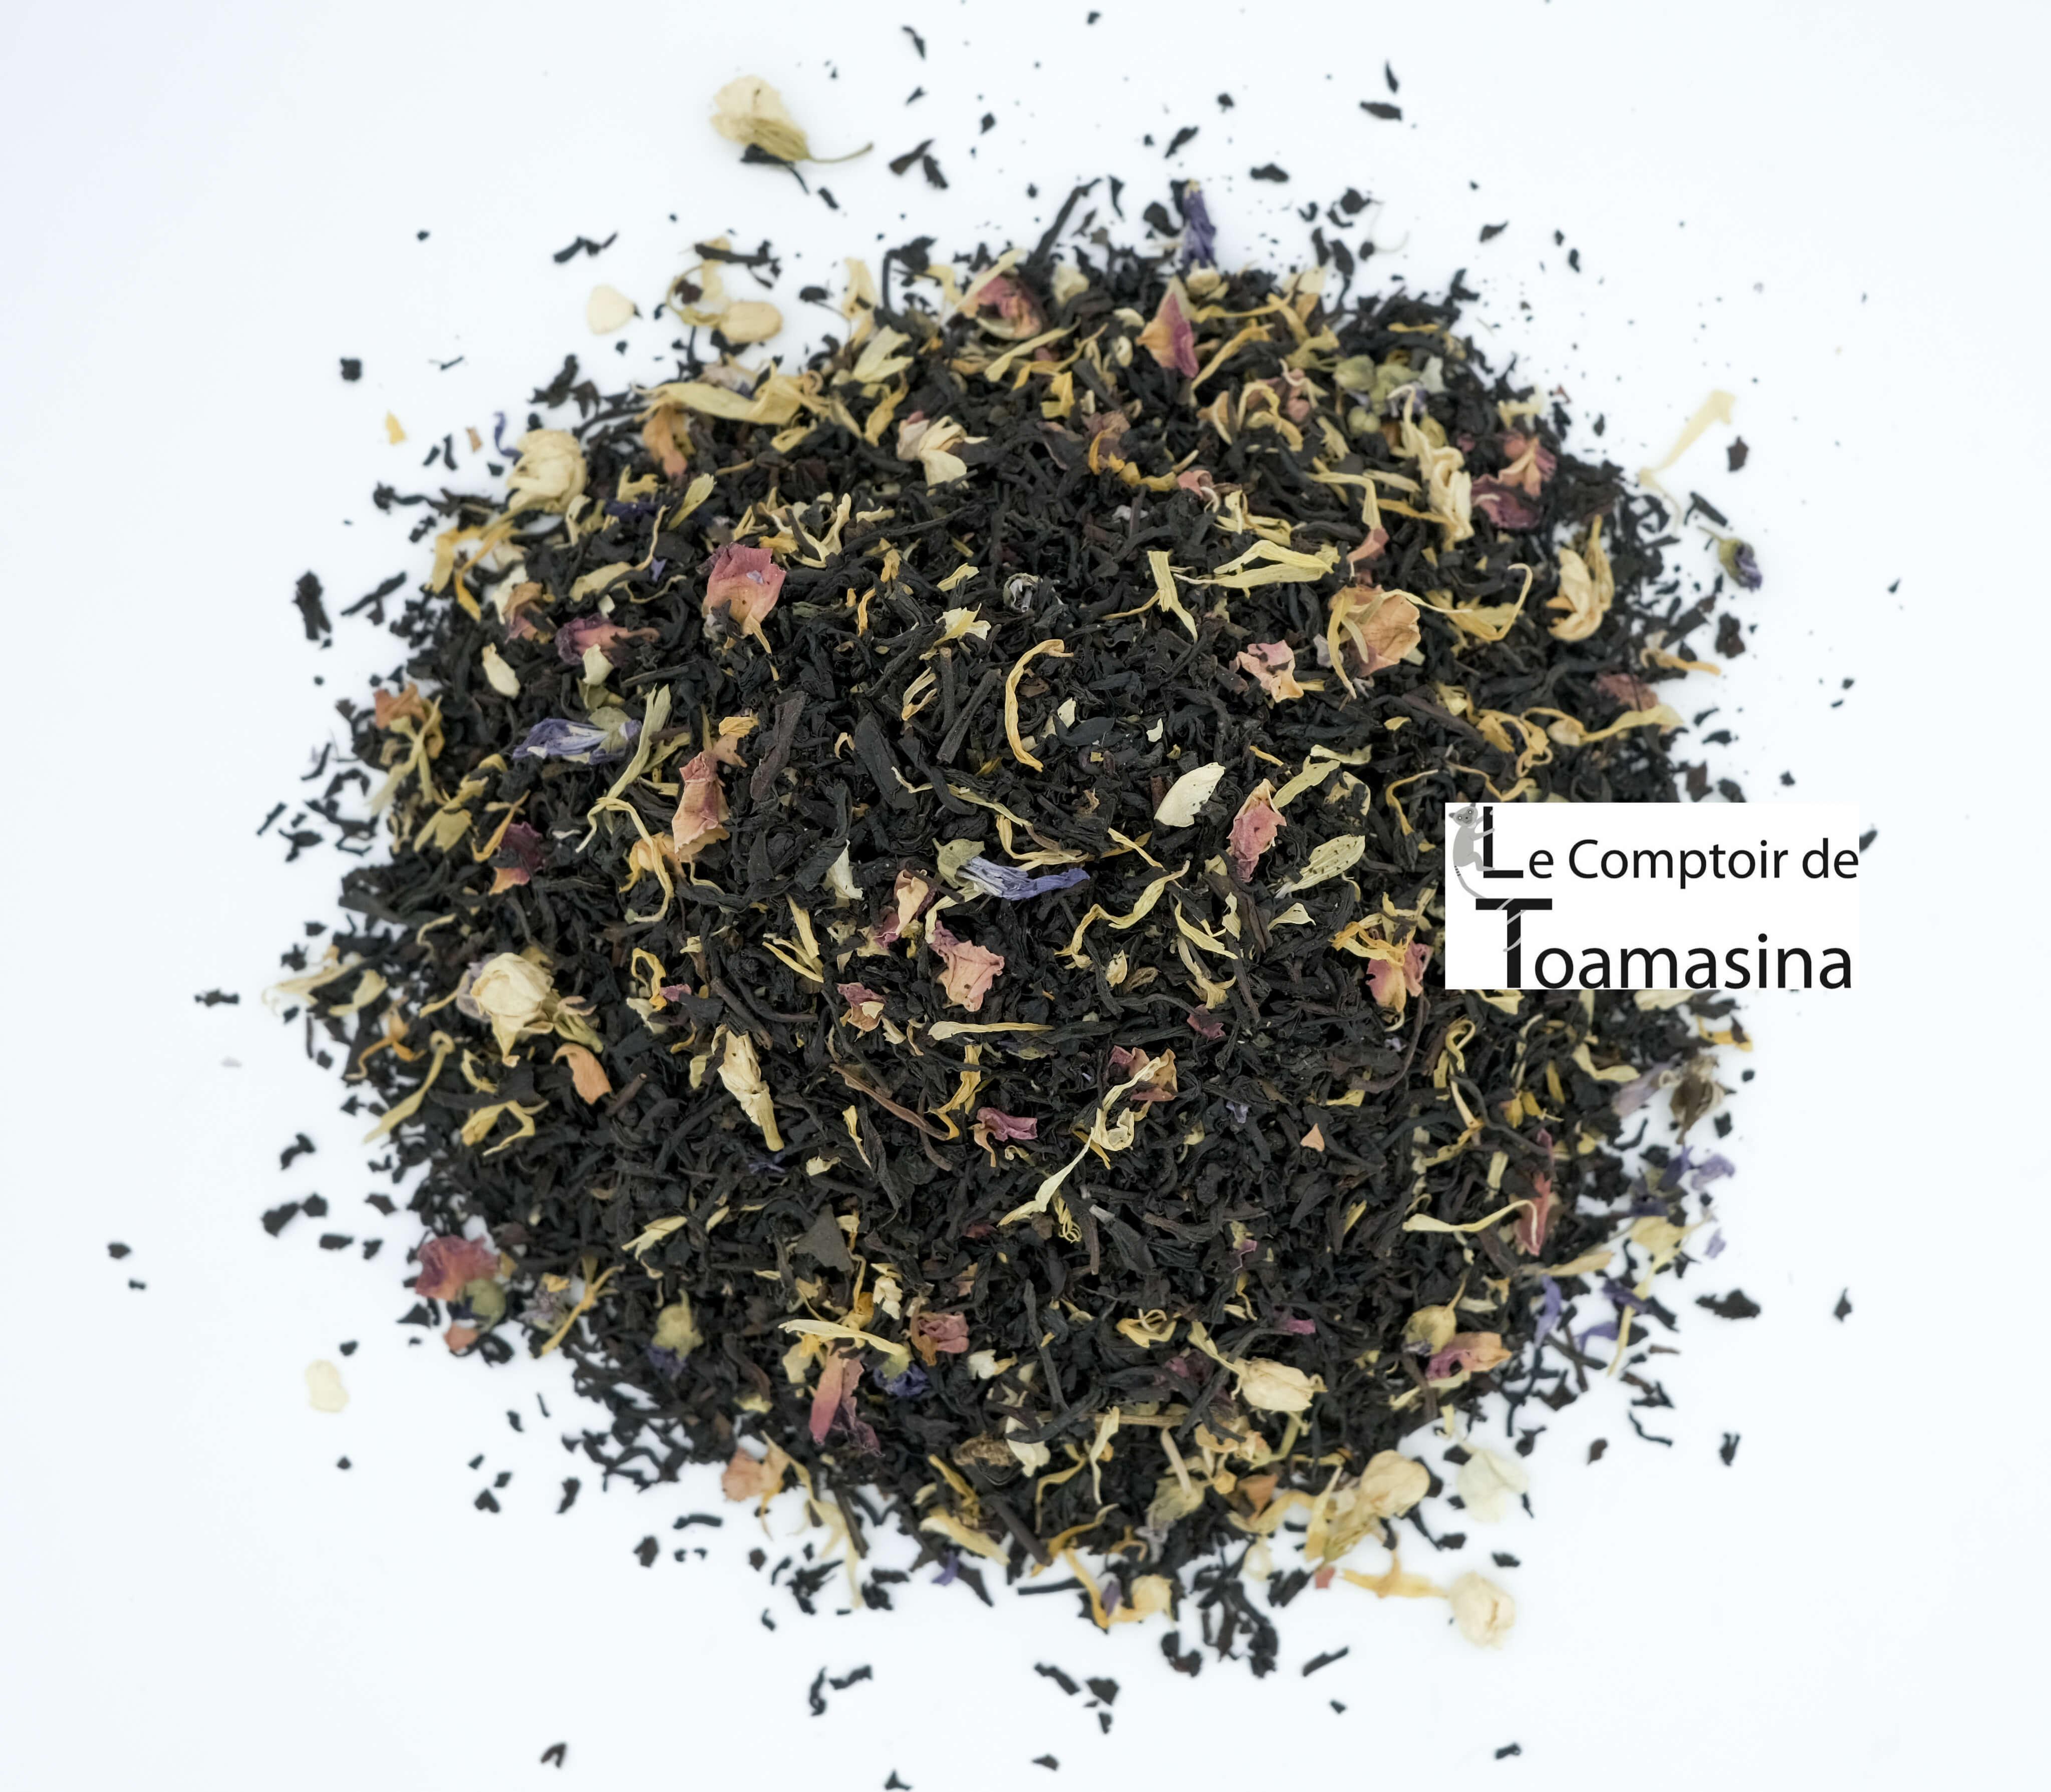 Acheter du thé noir parfumé au fruit de la passion du Brésil